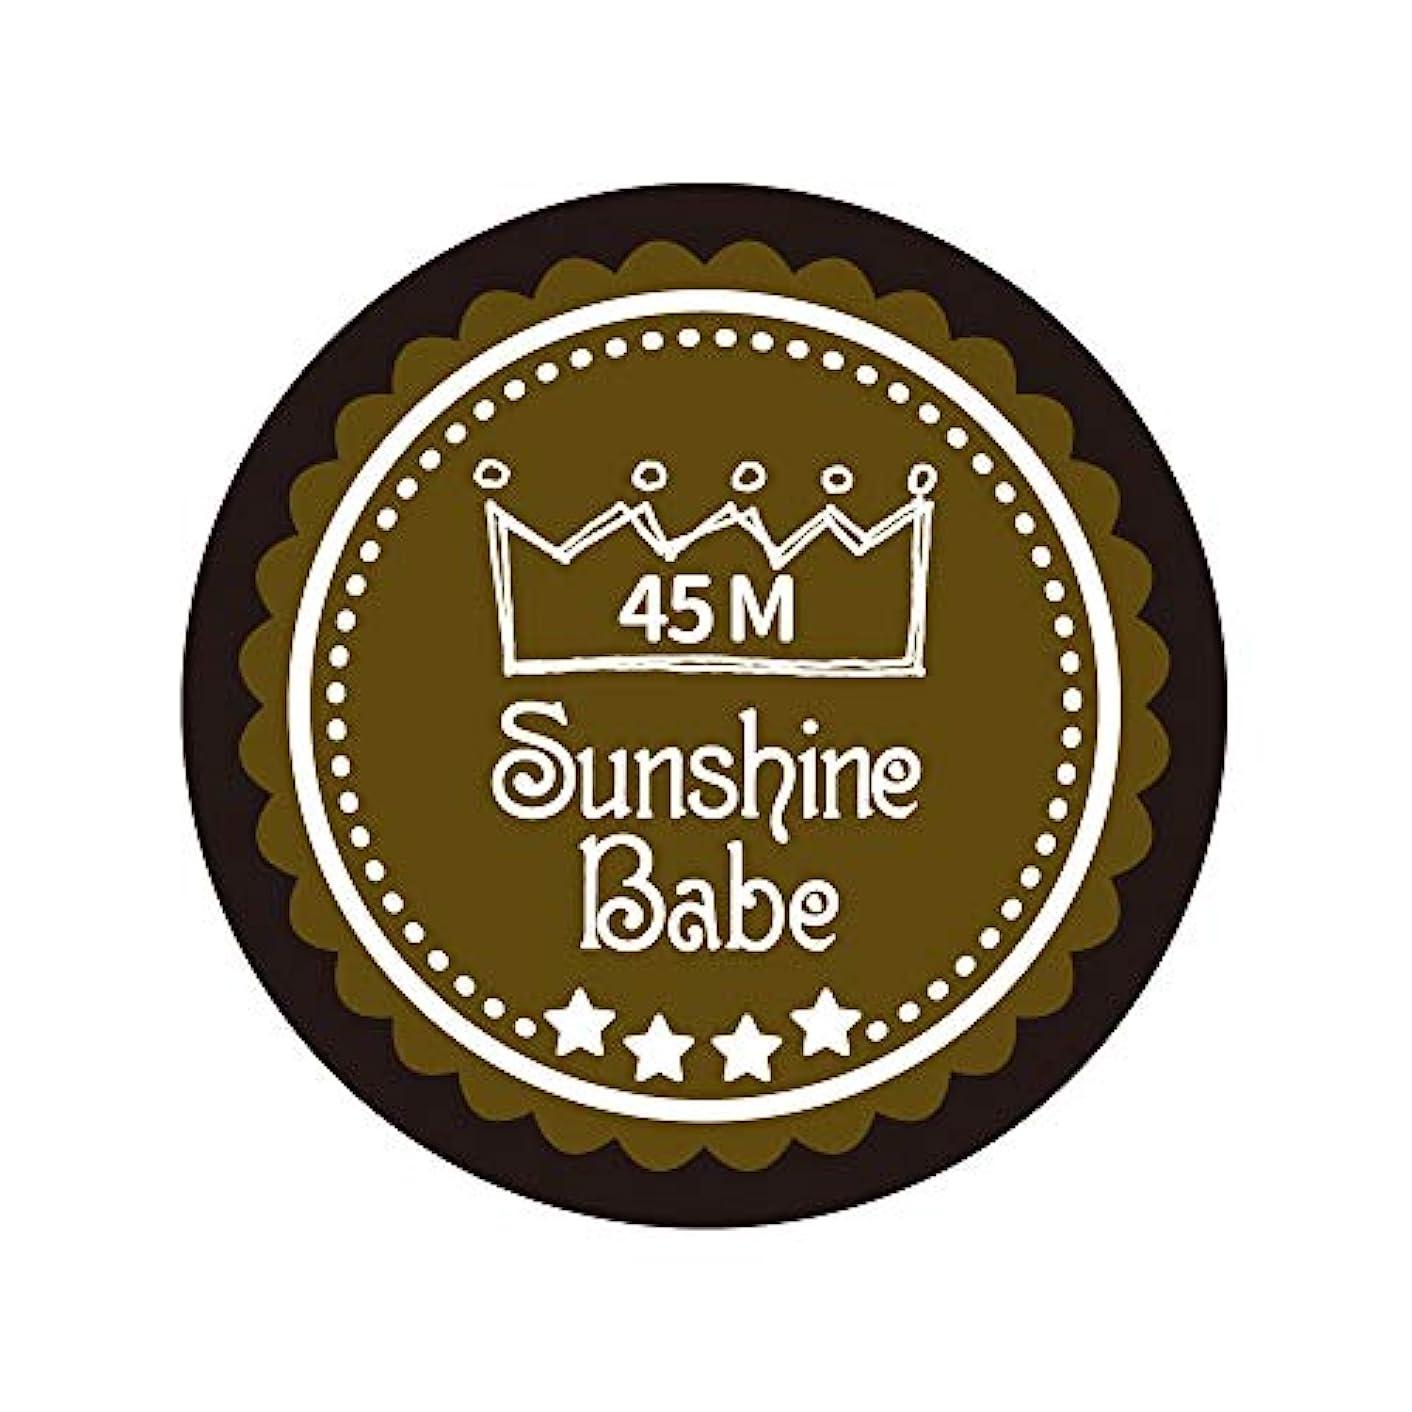 囲まれた資源ガムSunshine Babe カラージェル 45M マティーニオリーブ 2.7g UV/LED対応